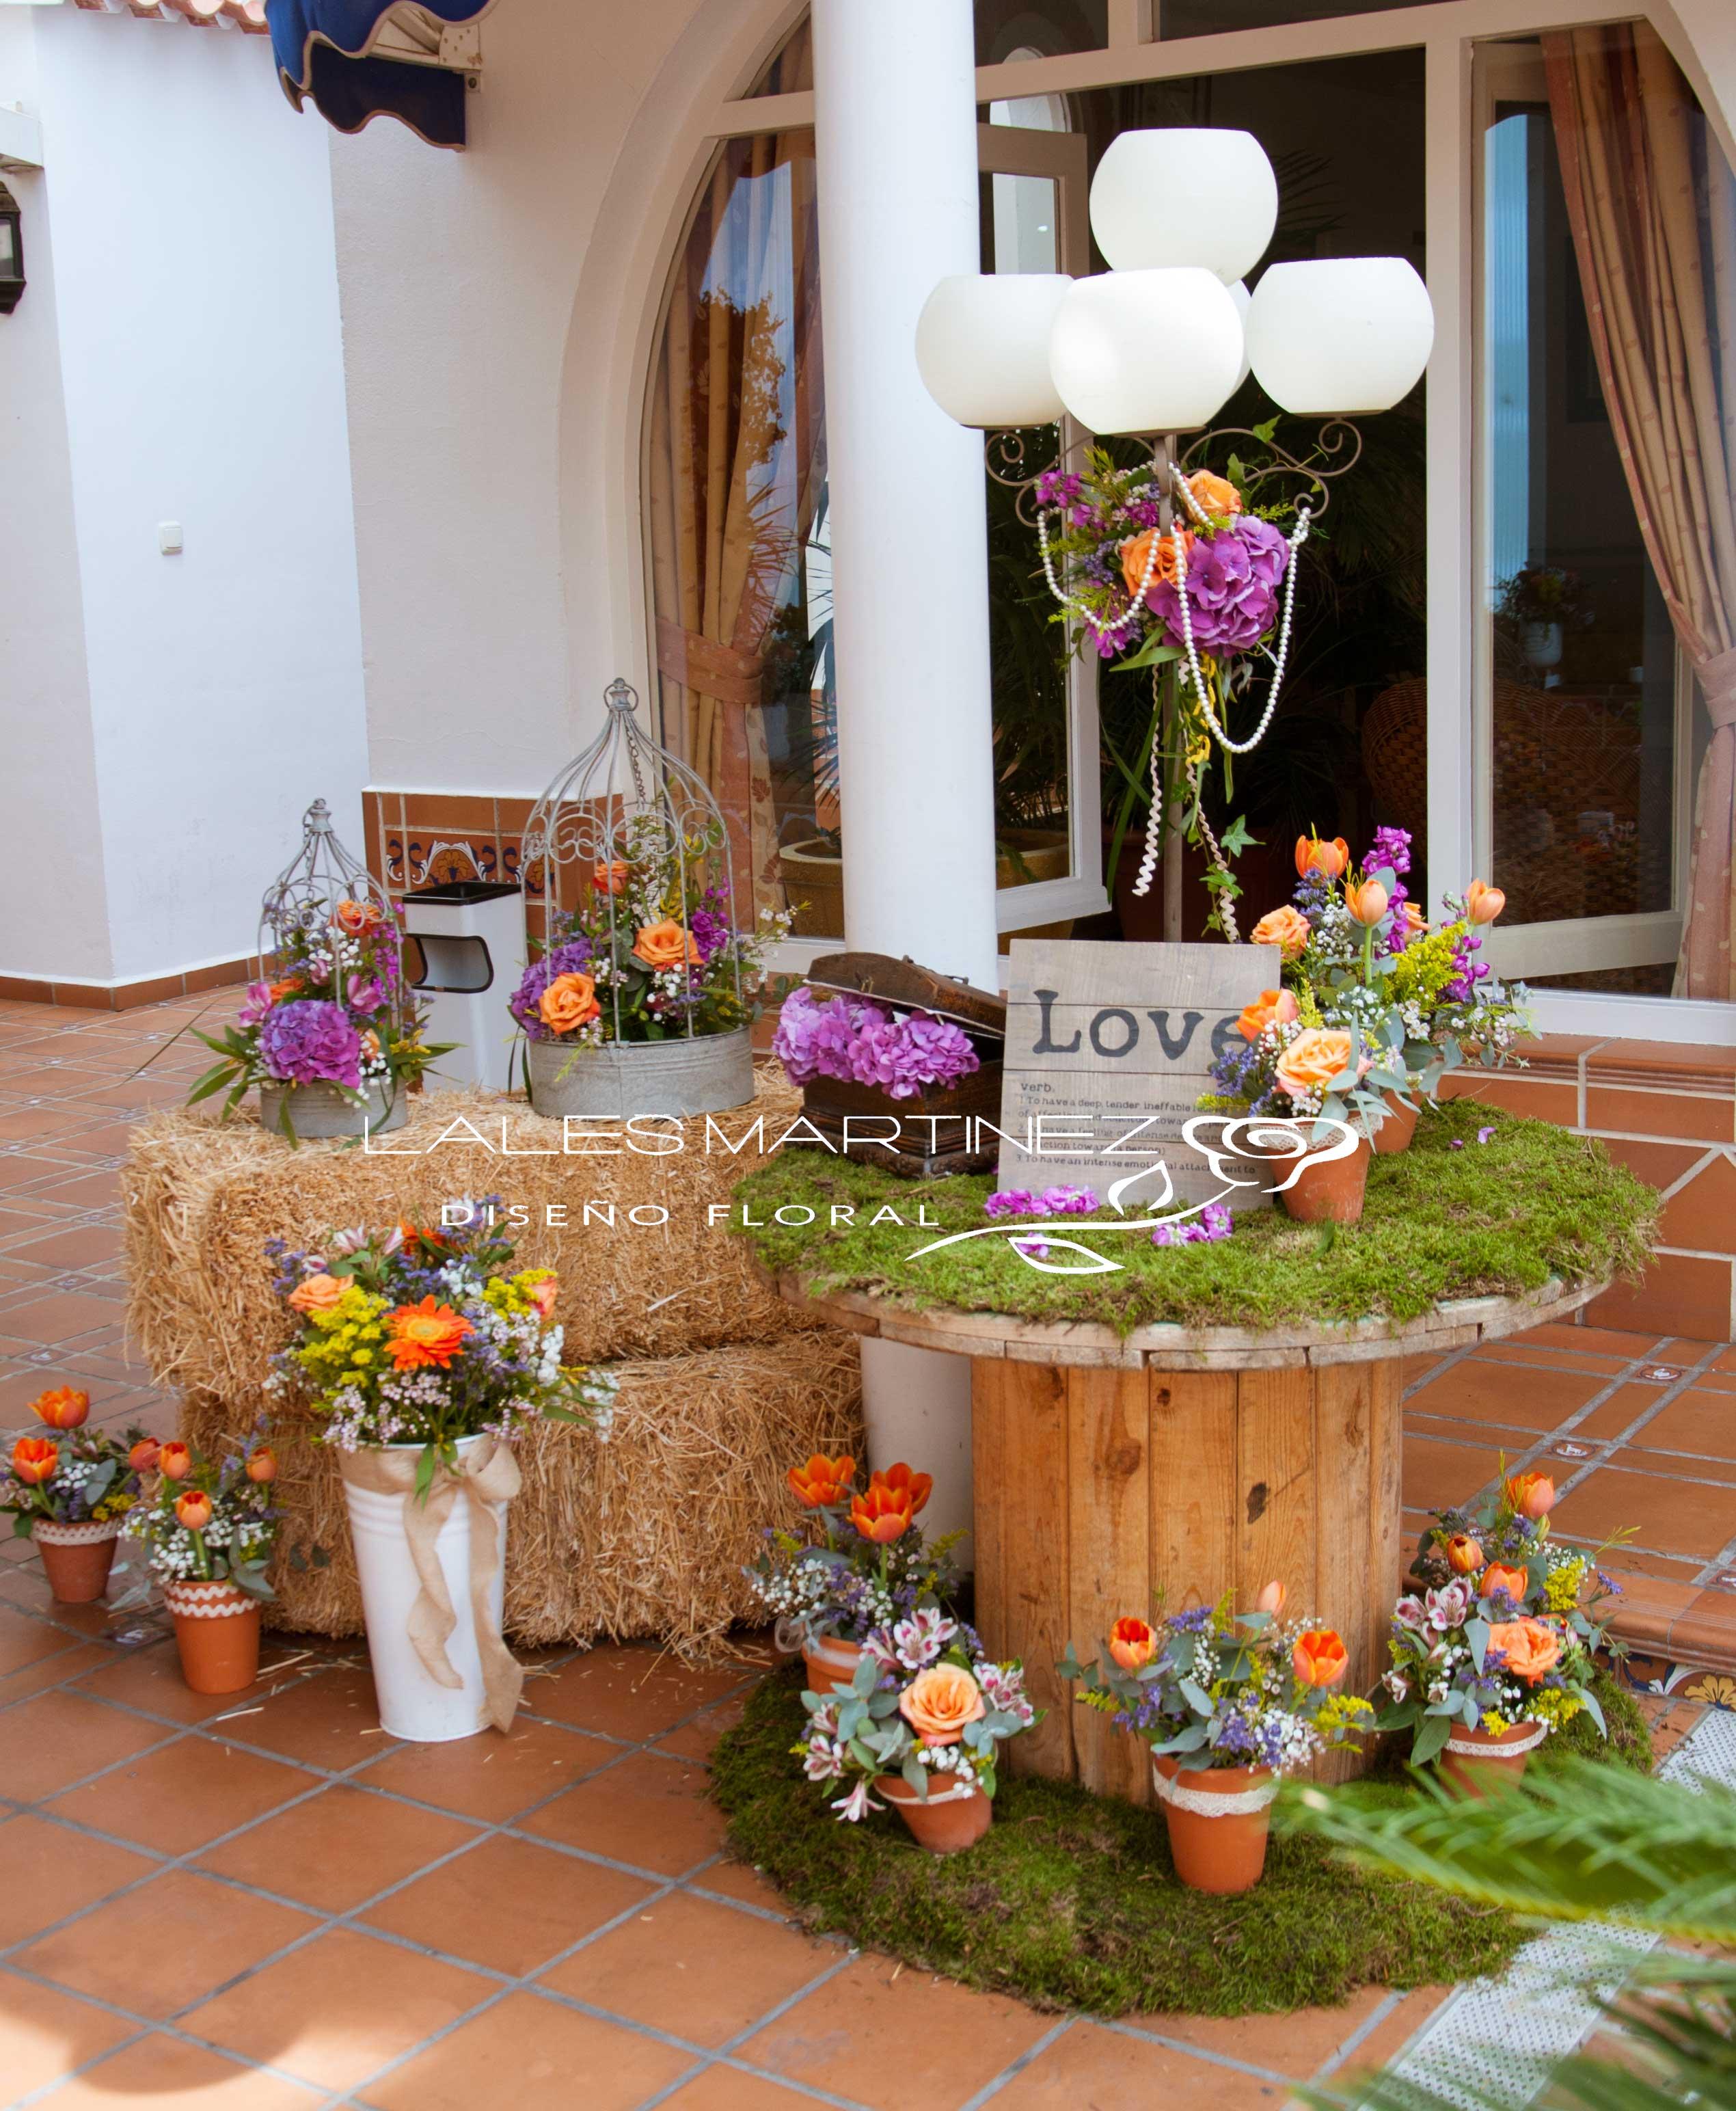 Lales martinez vintage y r stica terraza carmona vera for Mesa de terraza con quitasol